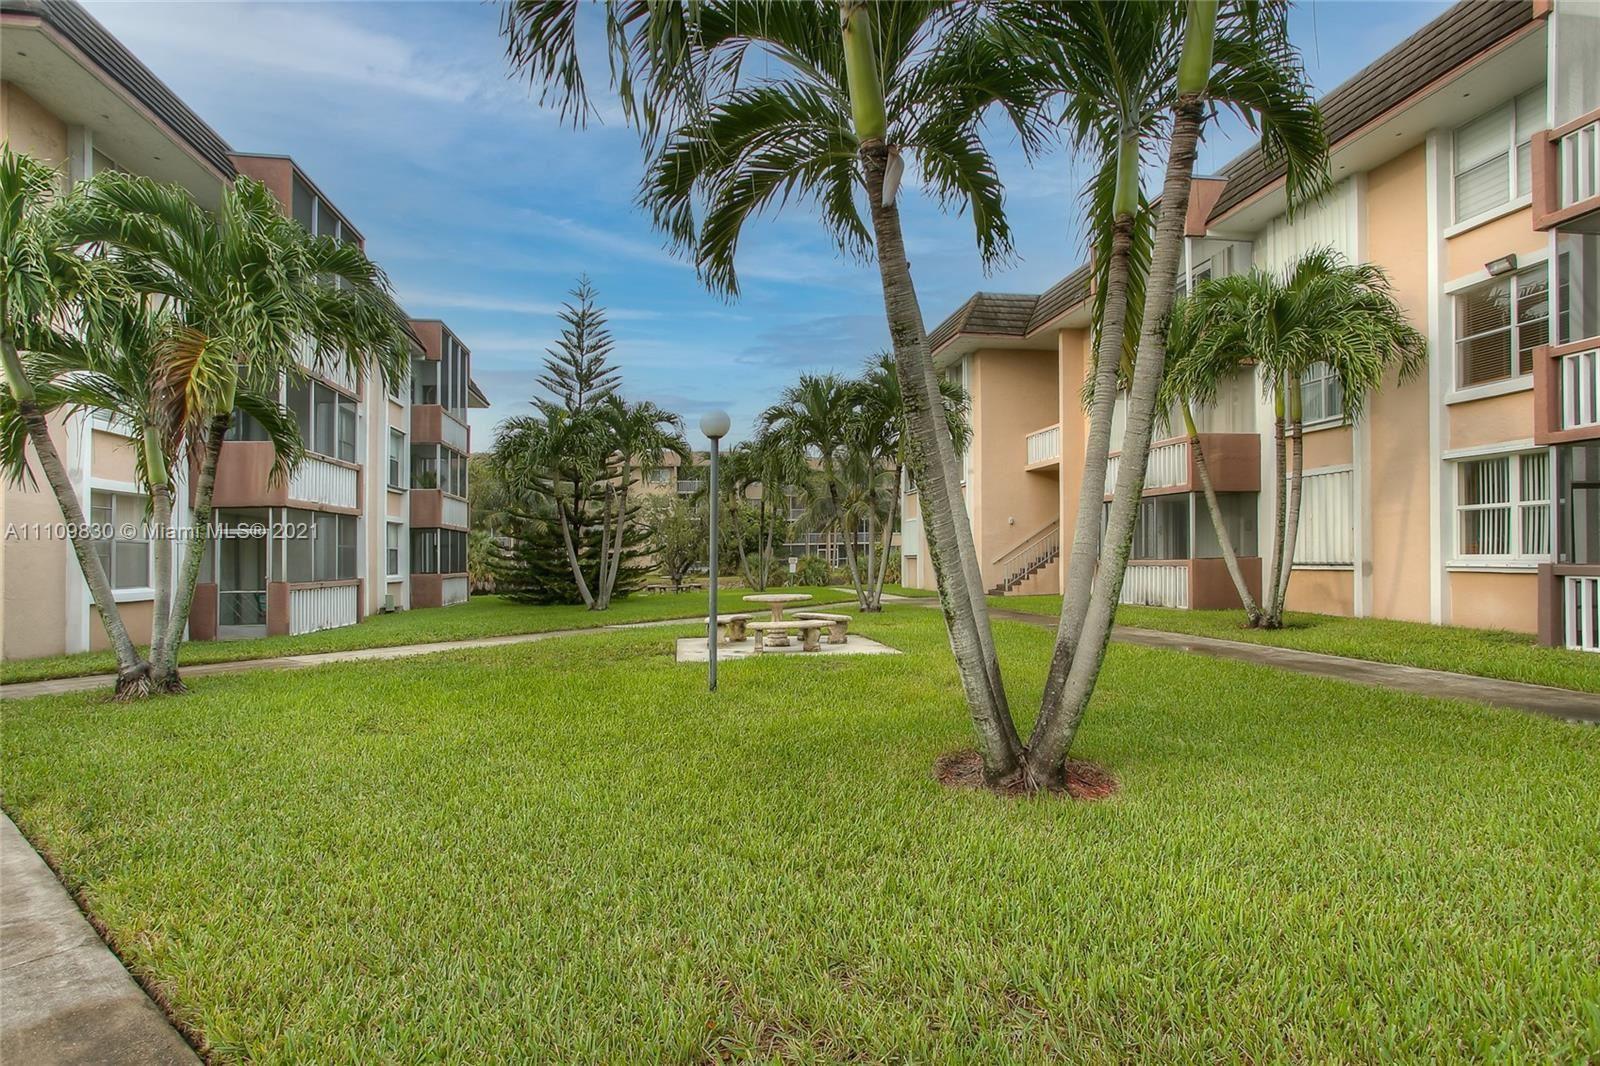 6701 NW 169th St #B208, Hialeah, FL 33015 - #: A11109830